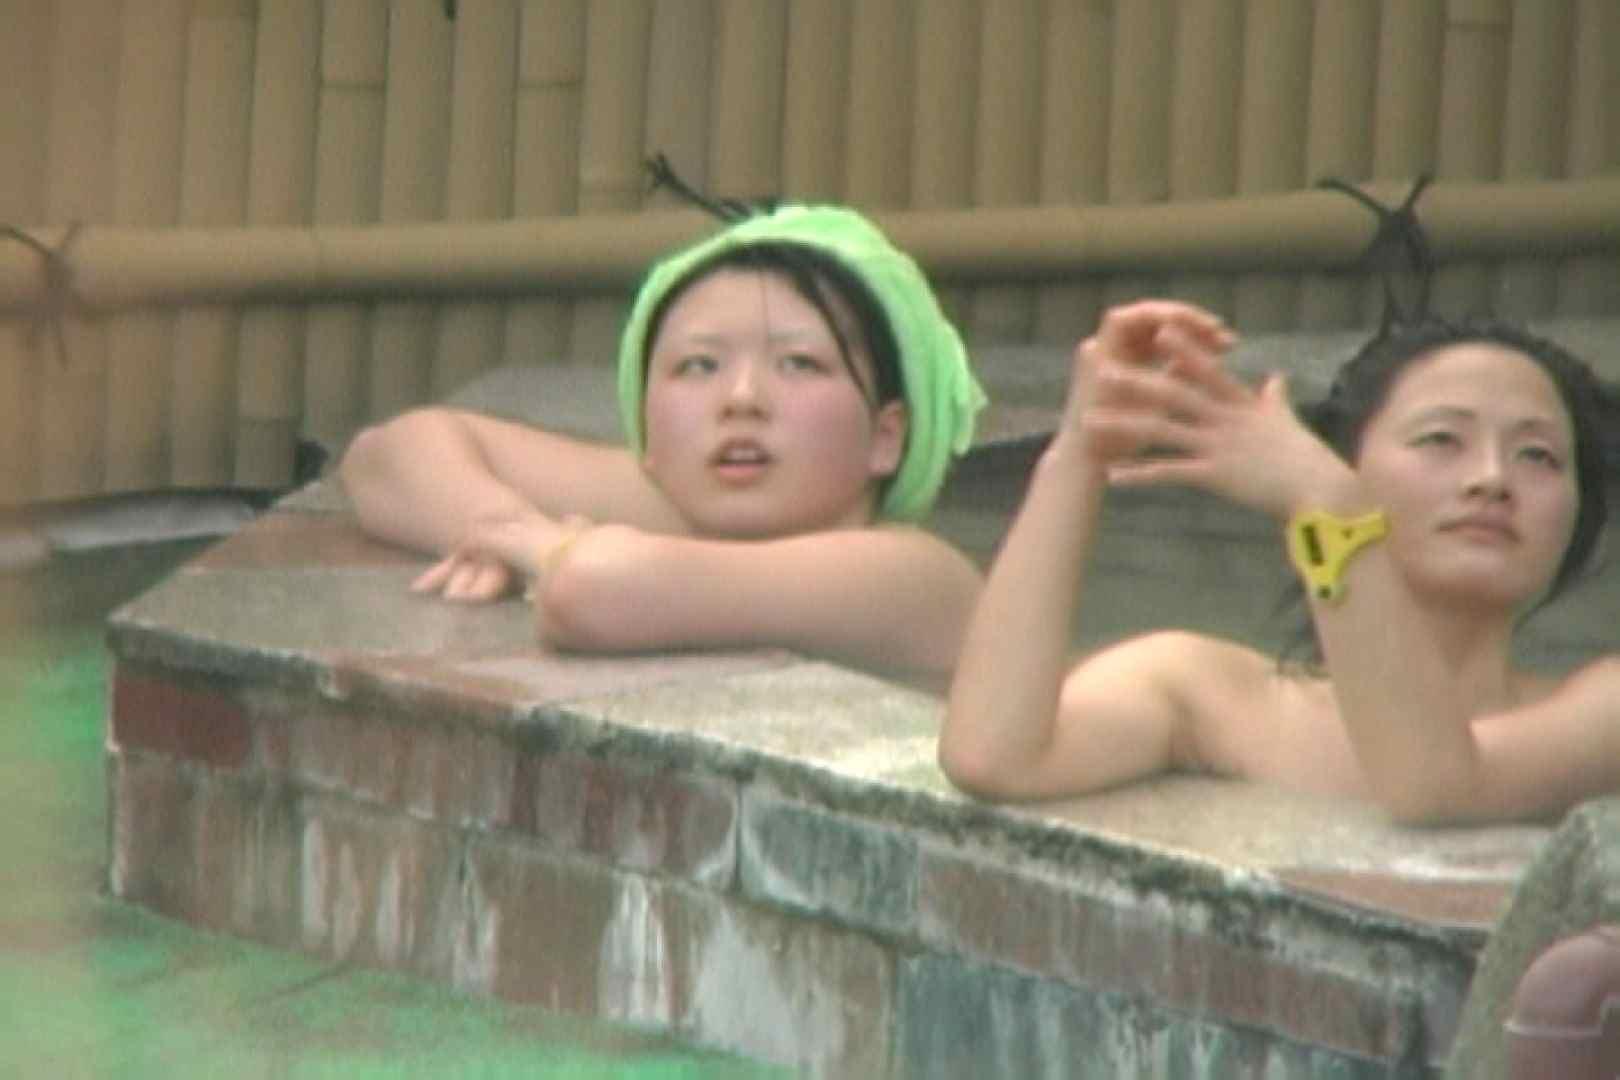 Aquaな露天風呂Vol.563 OLのエロ生活   盗撮  57連発 4